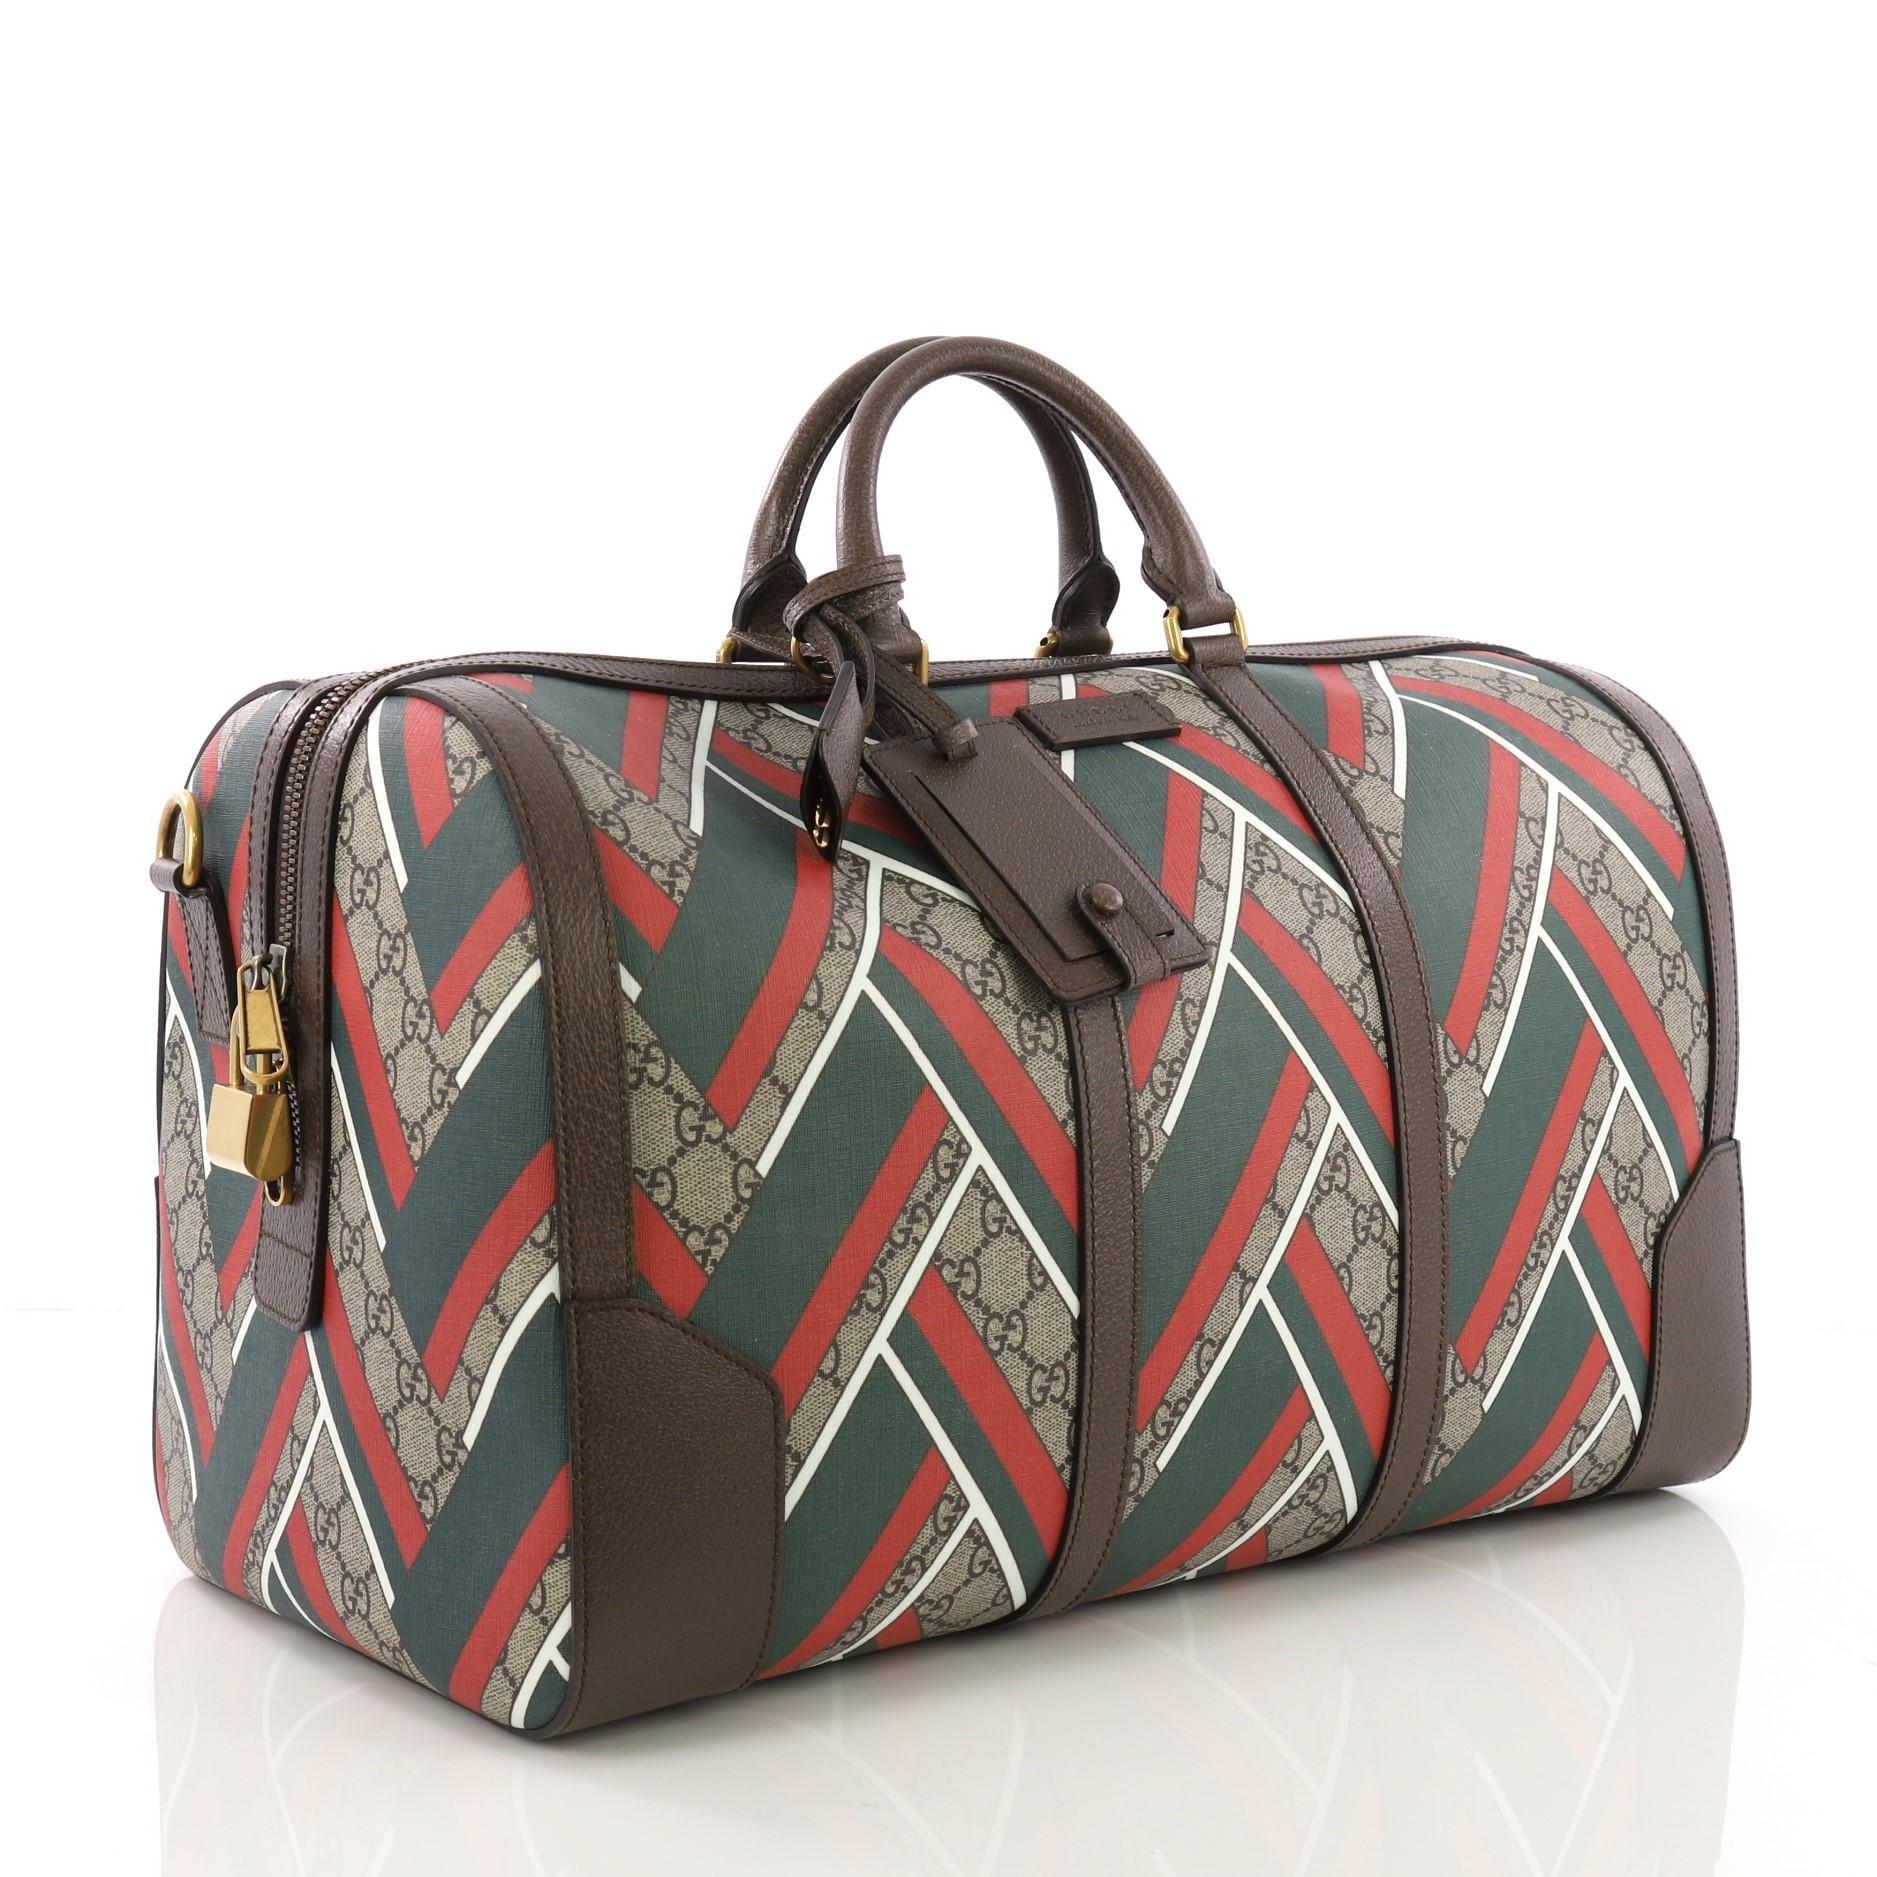 7e1ccf3fc9b8 Gucci Convertible Duffle Bag Printed GG Coated Canvas Medium at 1stdibs